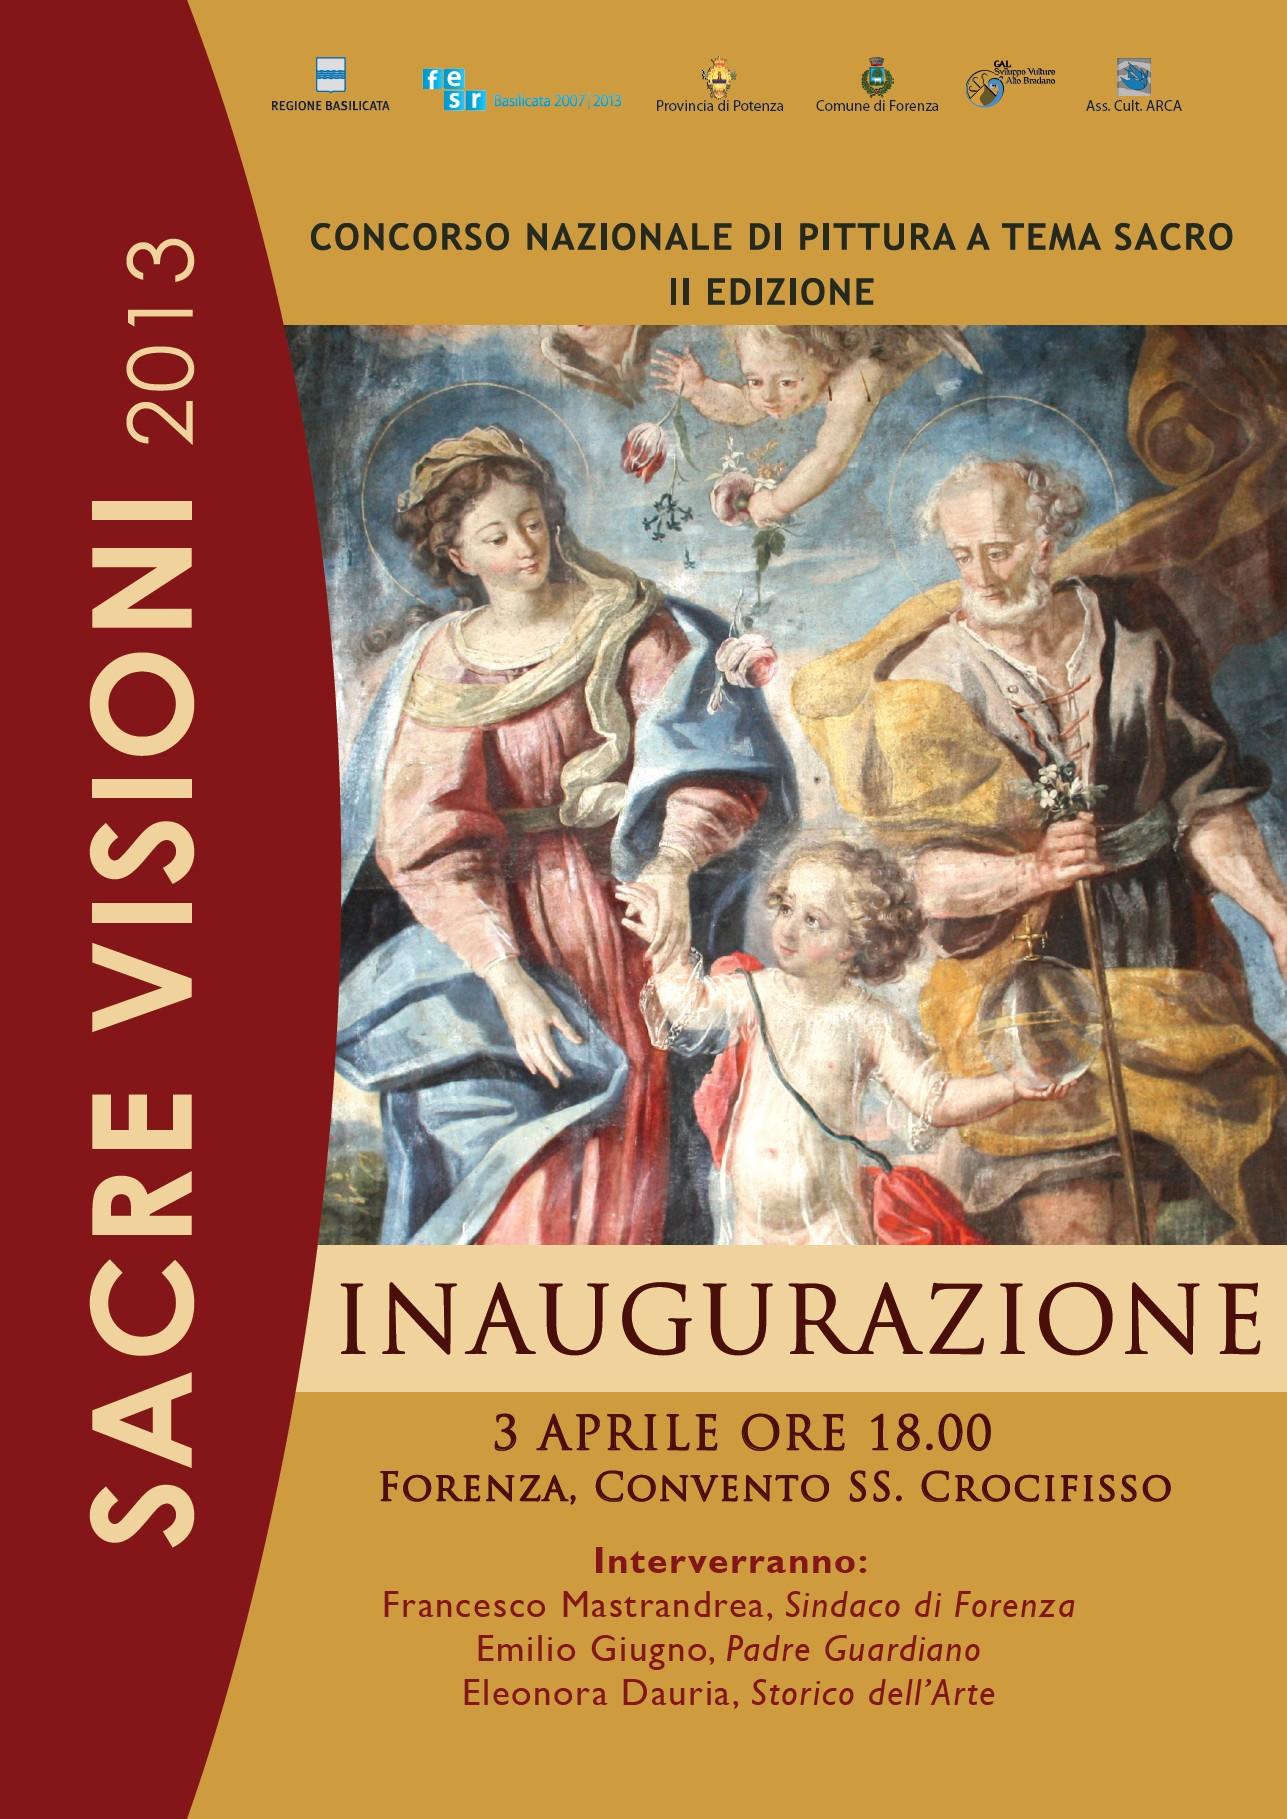 sacrevisioni2_locandina_inaugurazione